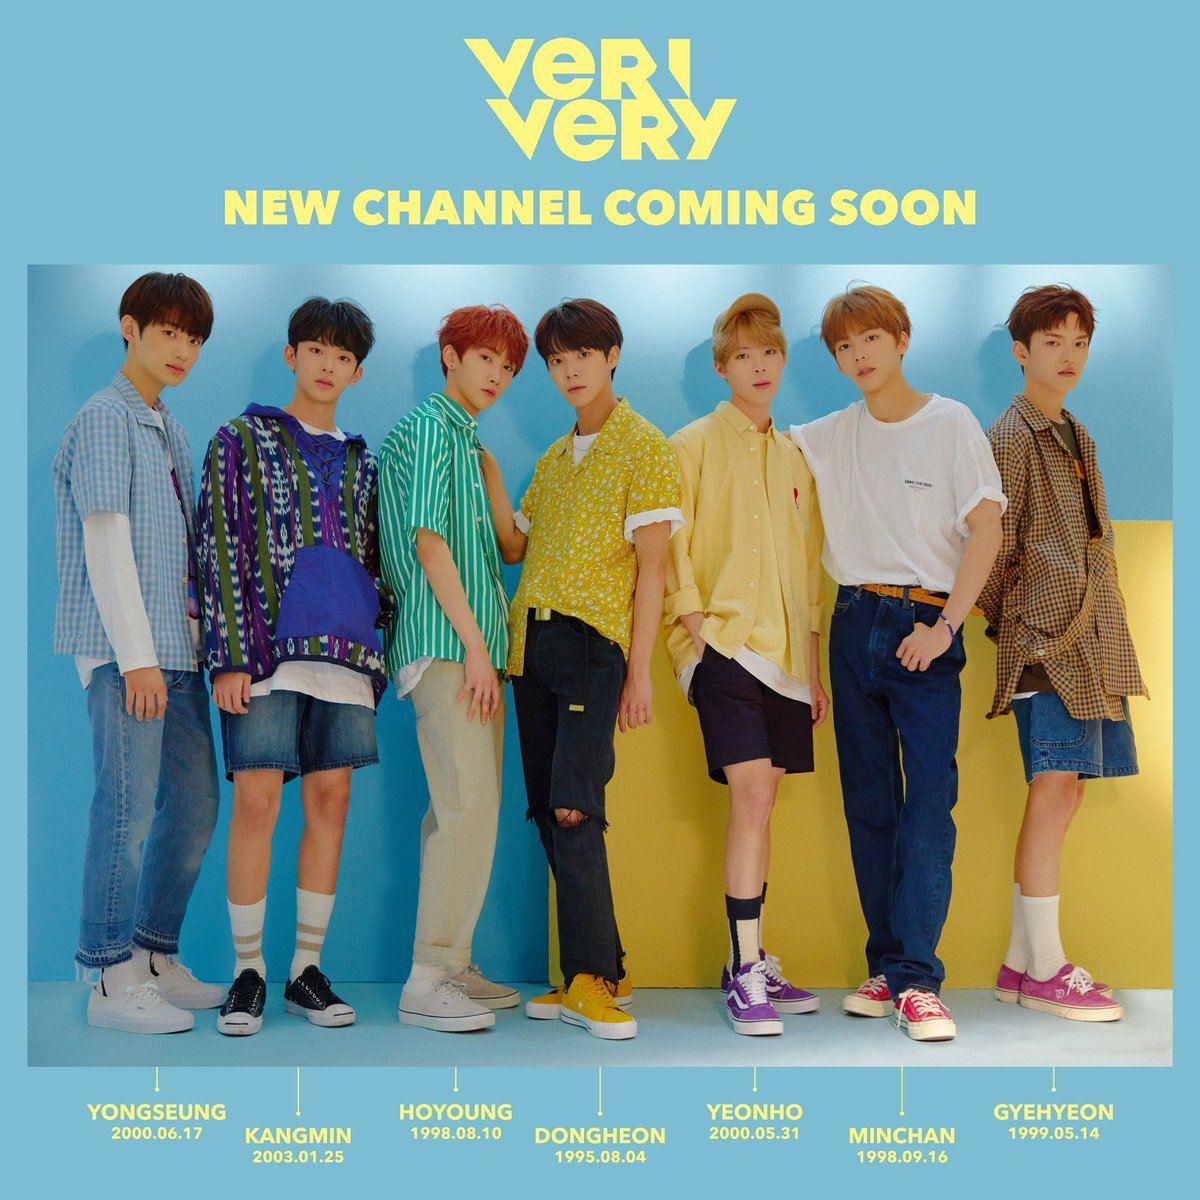 擁有VIXX、gugudan等獨特魅力團體的Jellyfish娛樂,2018年8月就透露將推出七人新男團「VERIVERY」,近日終於確定師弟們的出道時間啦,此次也是繼VIXX之後睽違六年推出的男團!